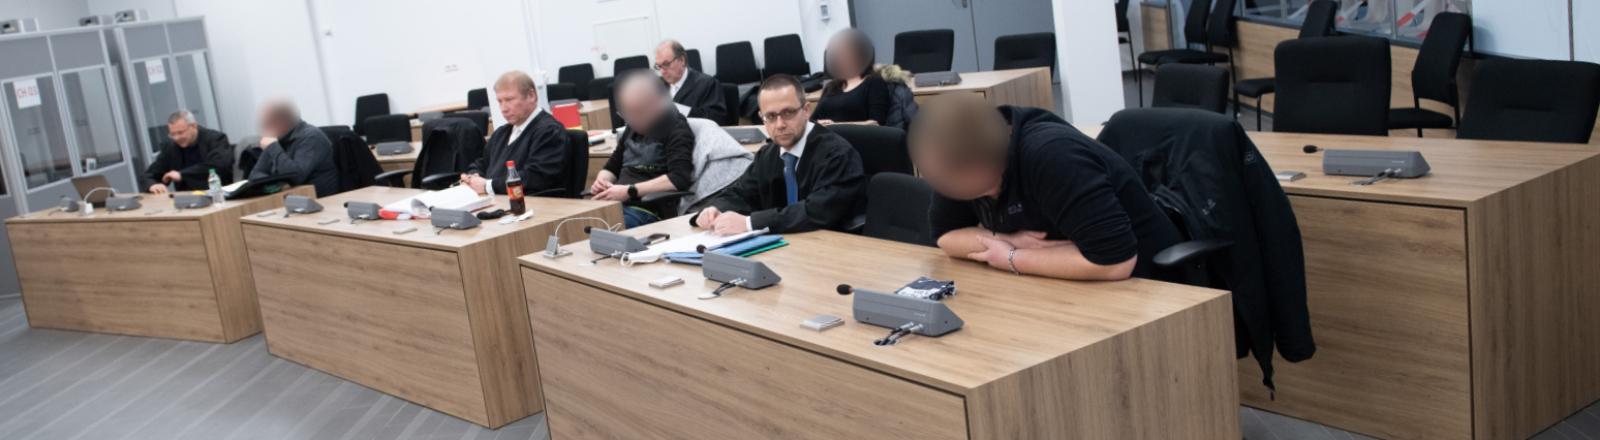 Prozess gegen Unterstützende der Gruppe Freital vor dem OLG Dresden, Aufnahme vom 25.01.2021